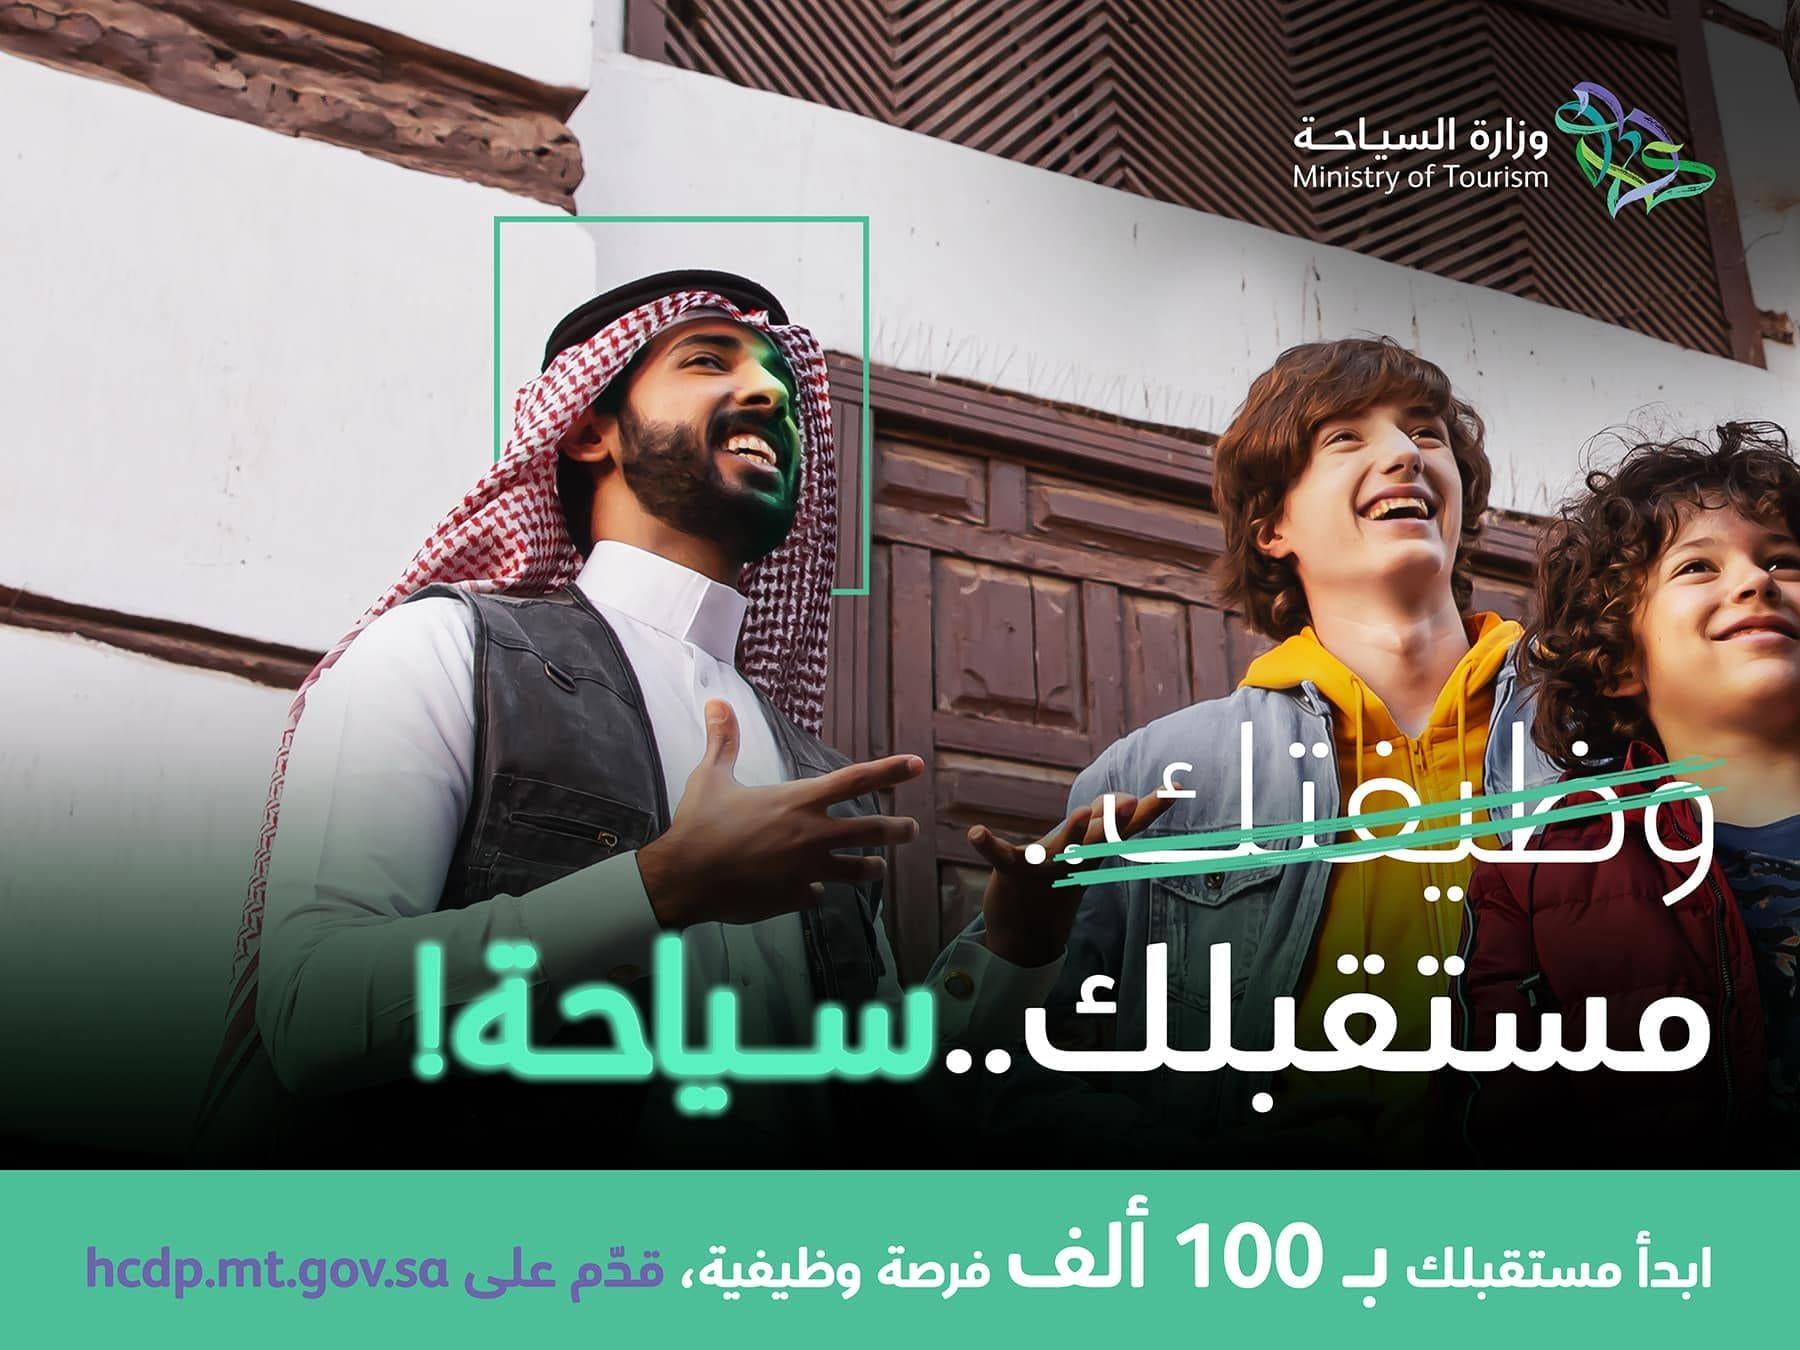 وزارة السياحة توفر 100 الف وظيفة خلال 2021م